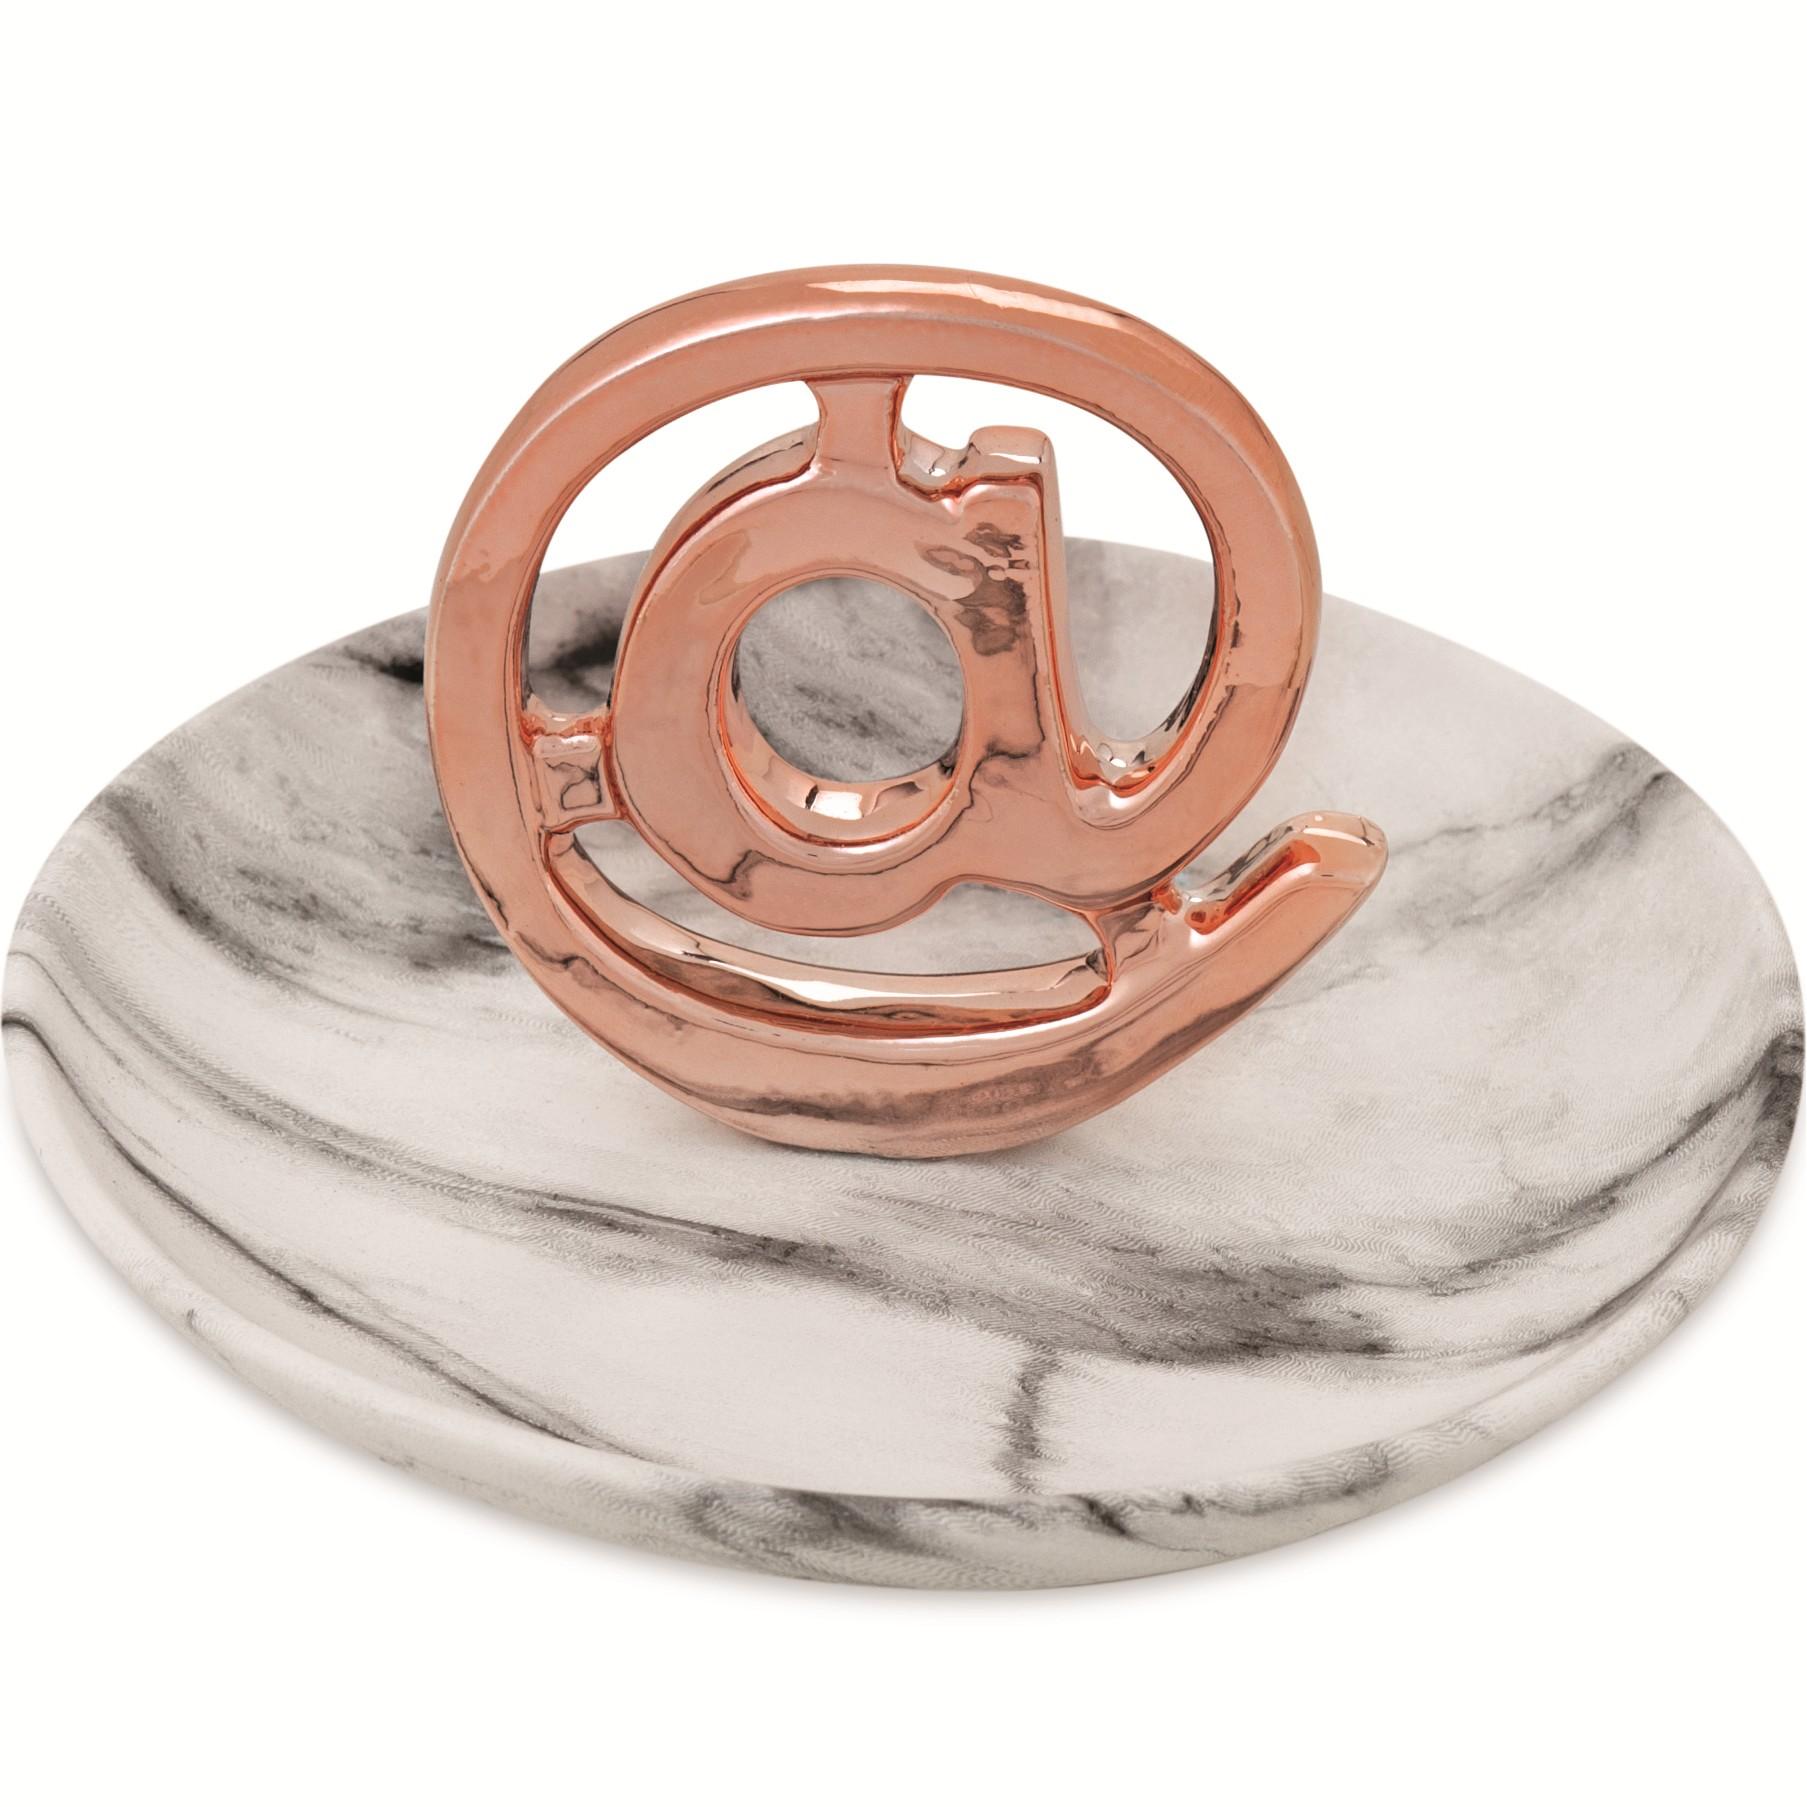 Porta-treco Ceramica 13cm Rose Gold com Prato - Mart